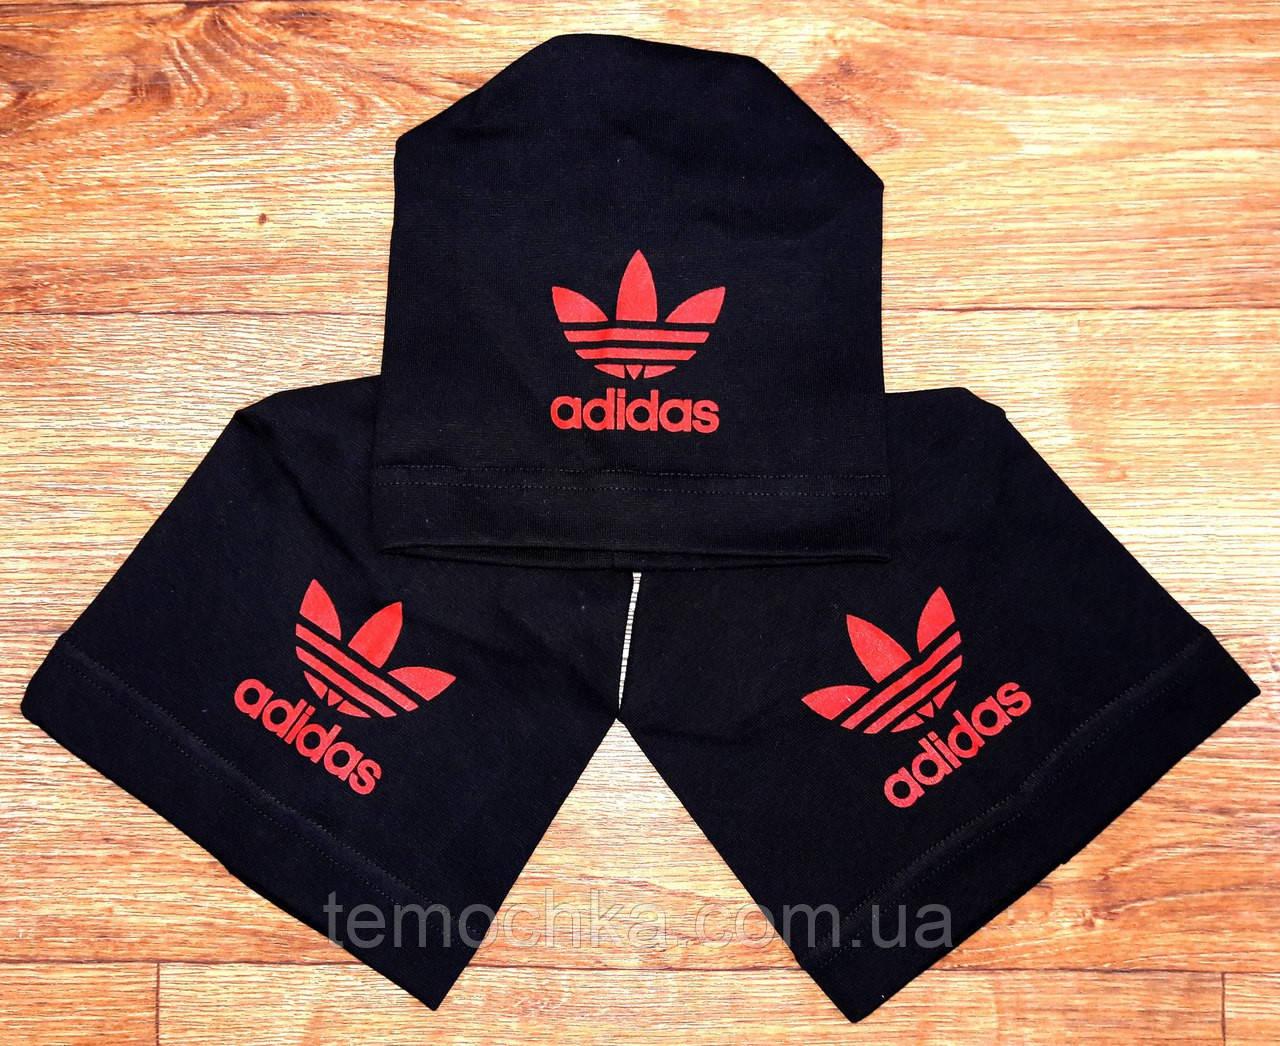 Шапка шапочка черная спортивная детская для мальчика или девочки Адидас Adidas